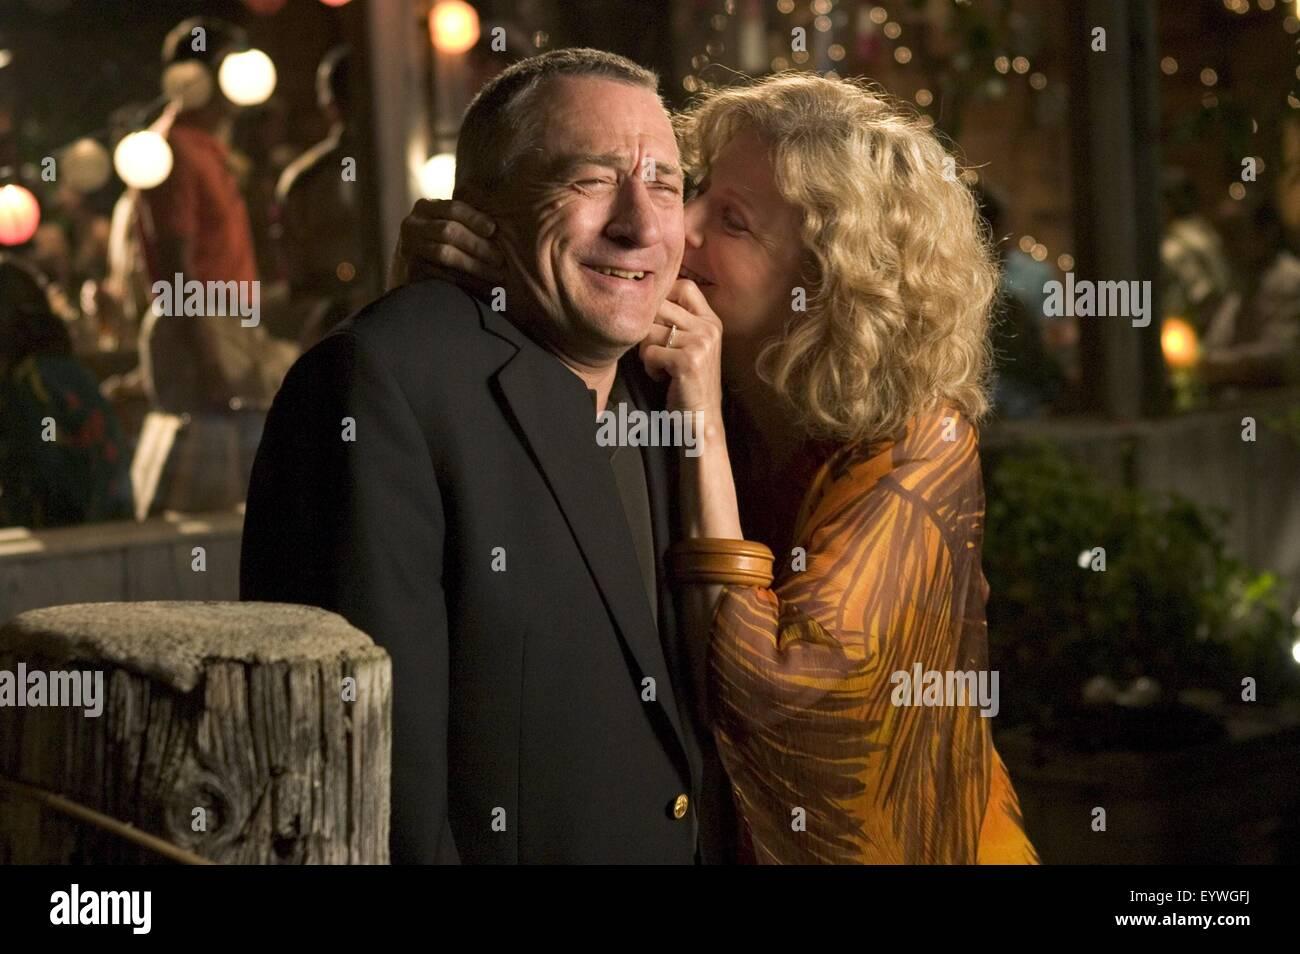 Meet the Fockers ; Year : 2004 USA ; Director : Jay Roach ; Robert De Niro, Blythe Danner ; Photo: Tracy Bennett - Stock Image